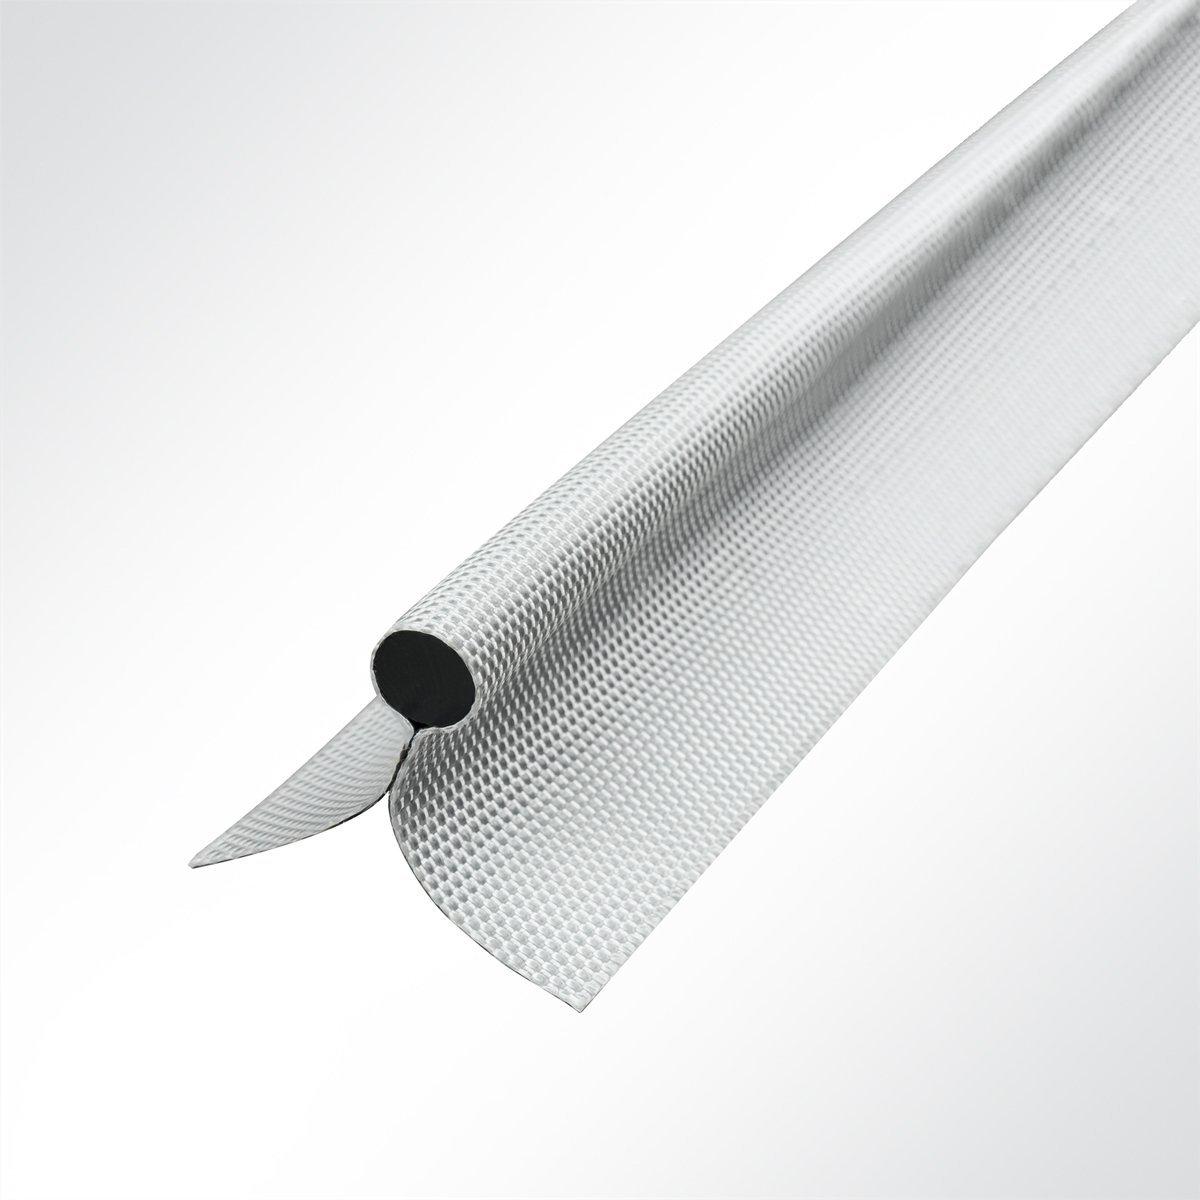 gris Argenté 12000 mm (L) LYSEL Tente Double épaisseur gris argenté 11,5 à 13,5 mm